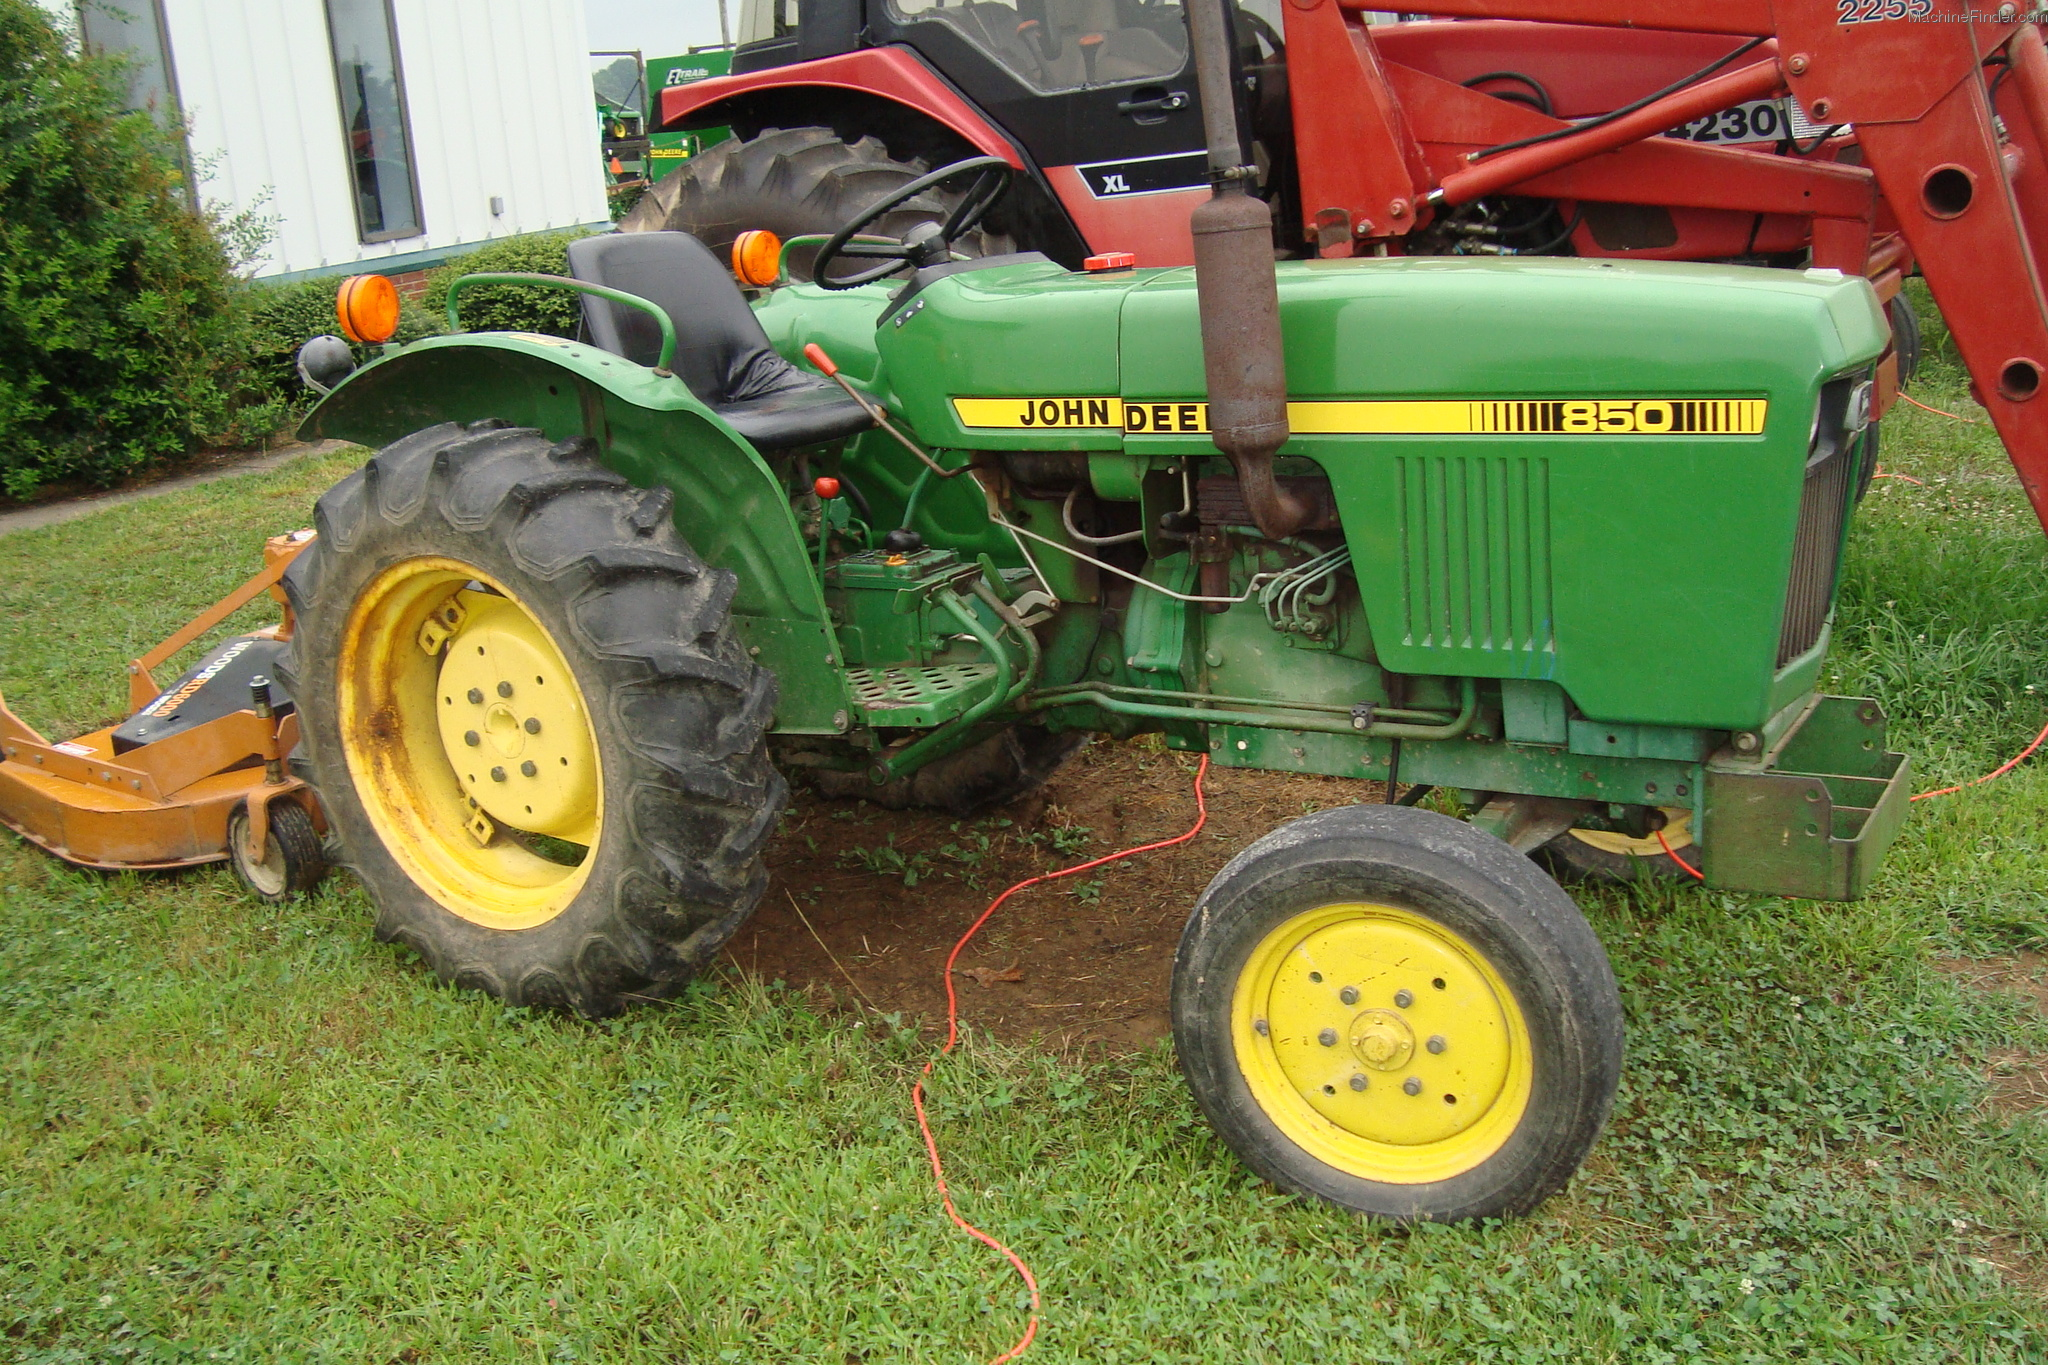 John Deere 850 Tractor Parts Wiring Harness 1983 Tractors Compact 1 40hp